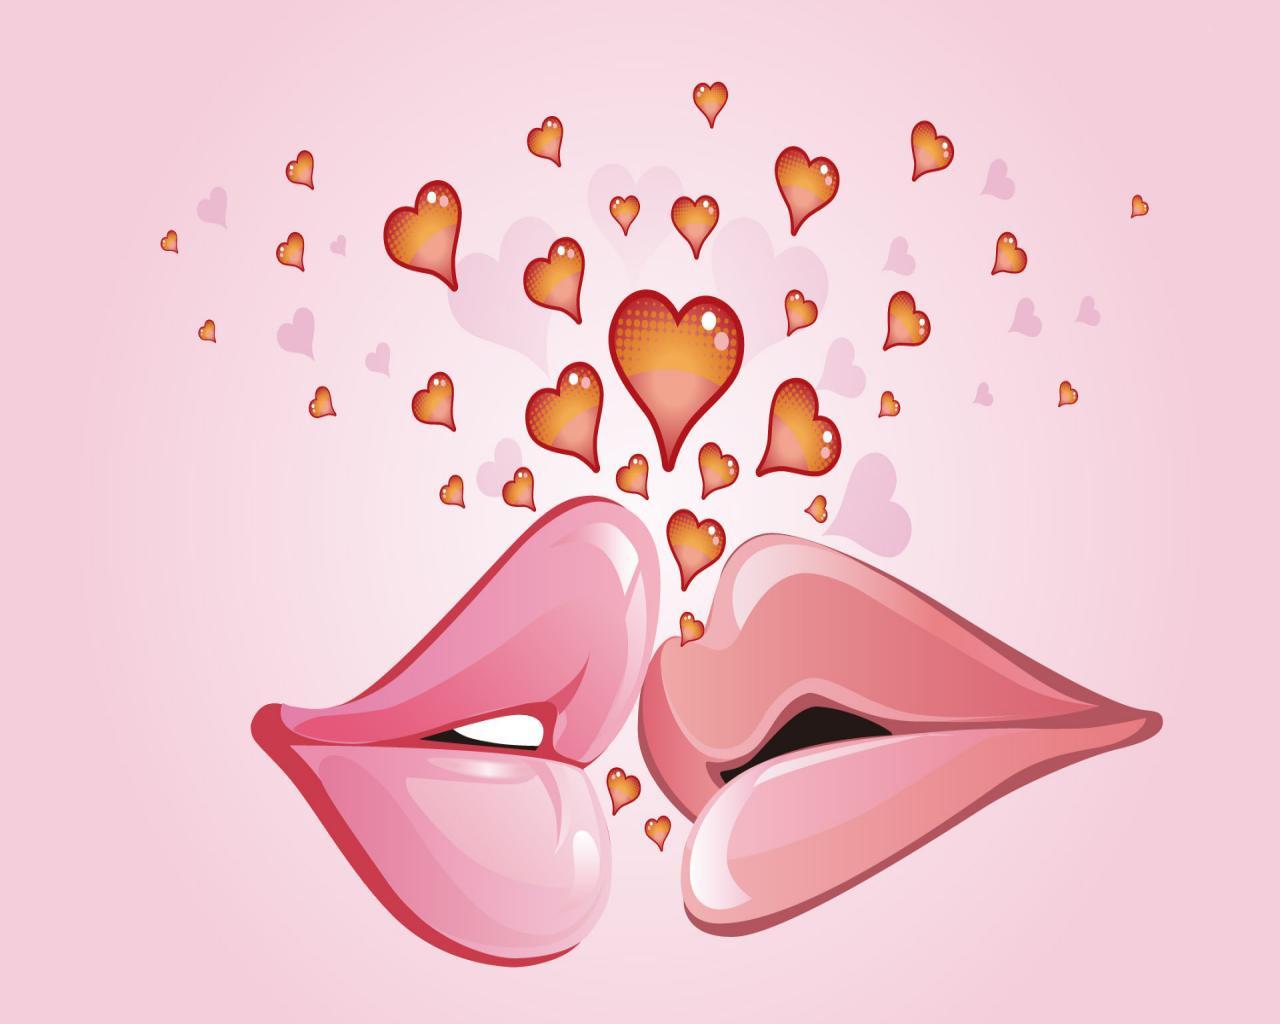 Love Wallpapers Hd Amor Fondos De Pantalla Love 3d: Patada De Caballo: Fondos De